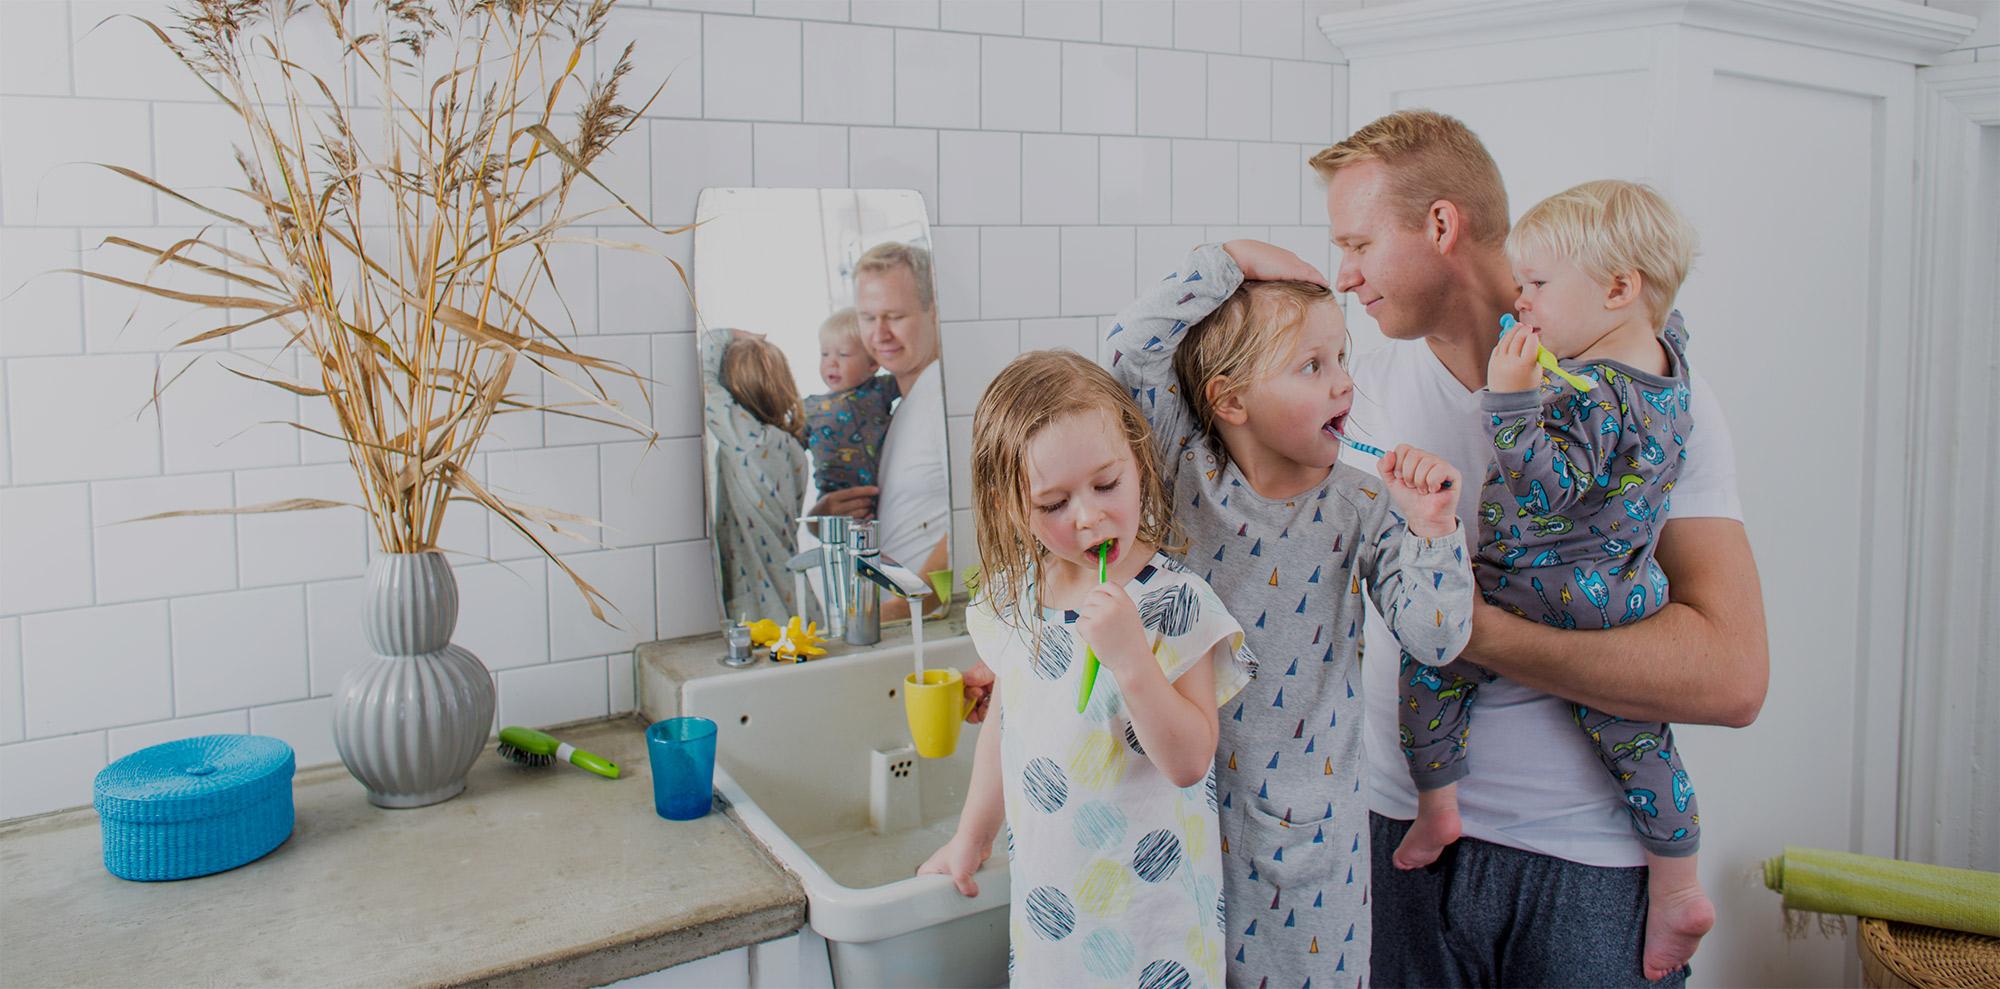 Karhu Voiman etusivulla perhe iltapesulla.